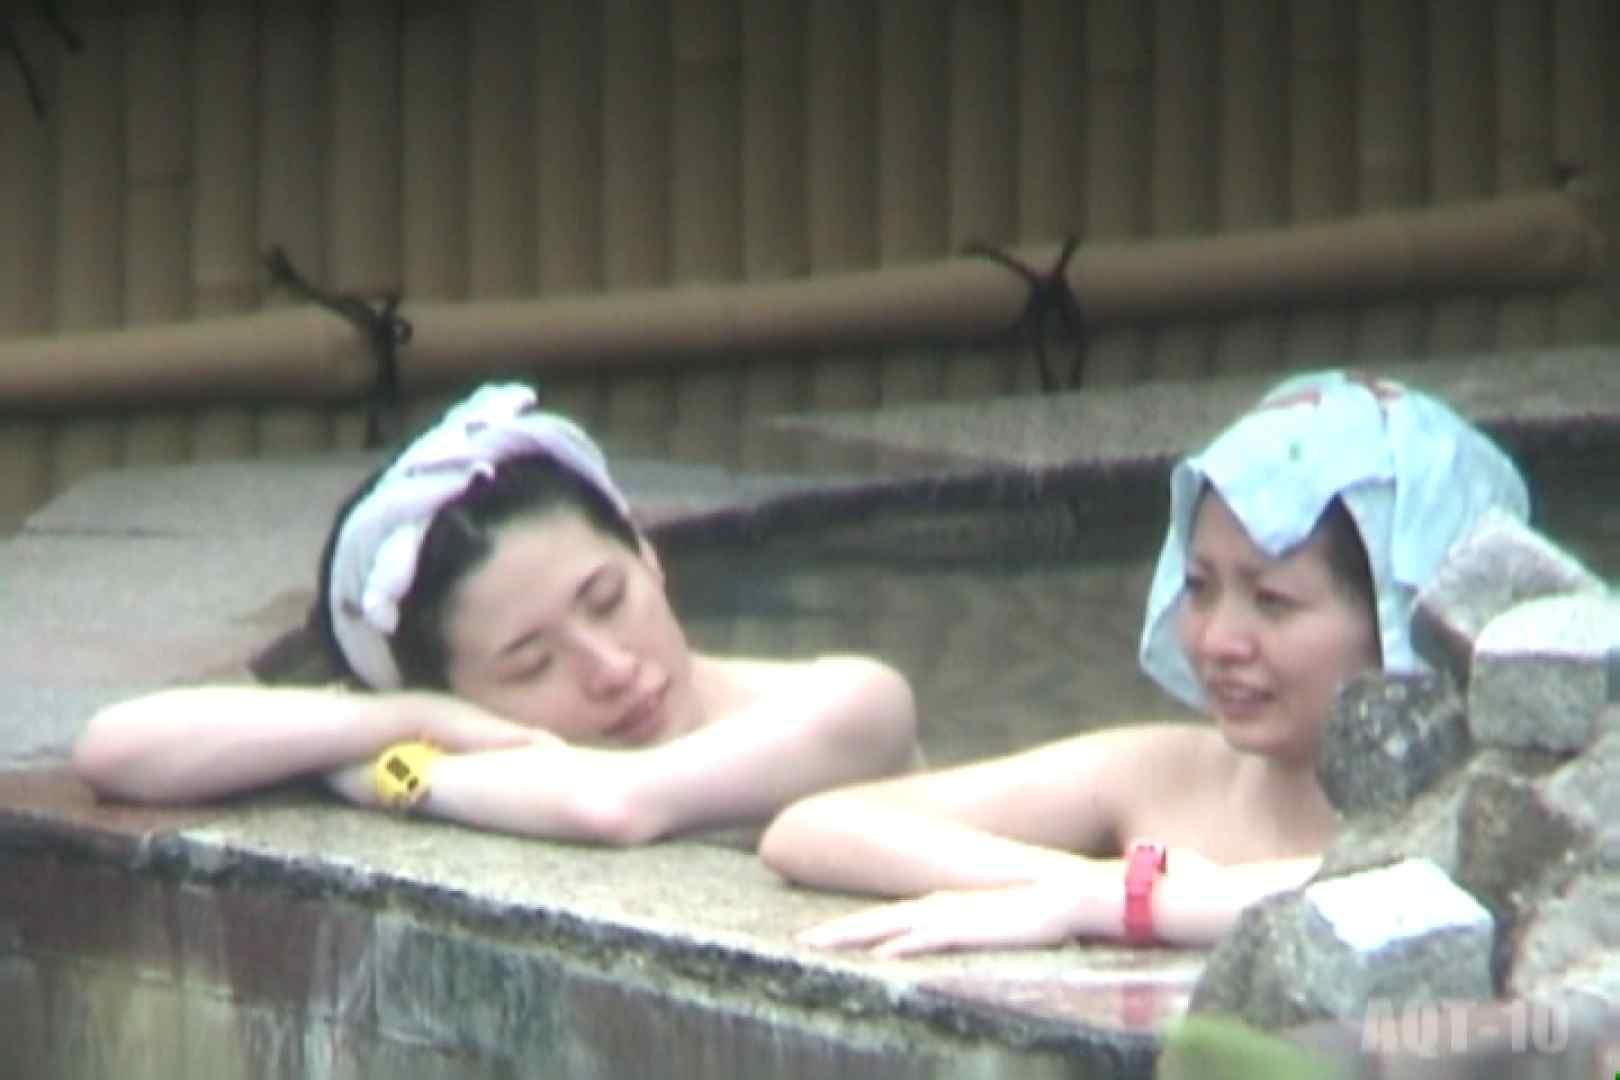 Aquaな露天風呂Vol.793 盗撮シリーズ  93PIX 36